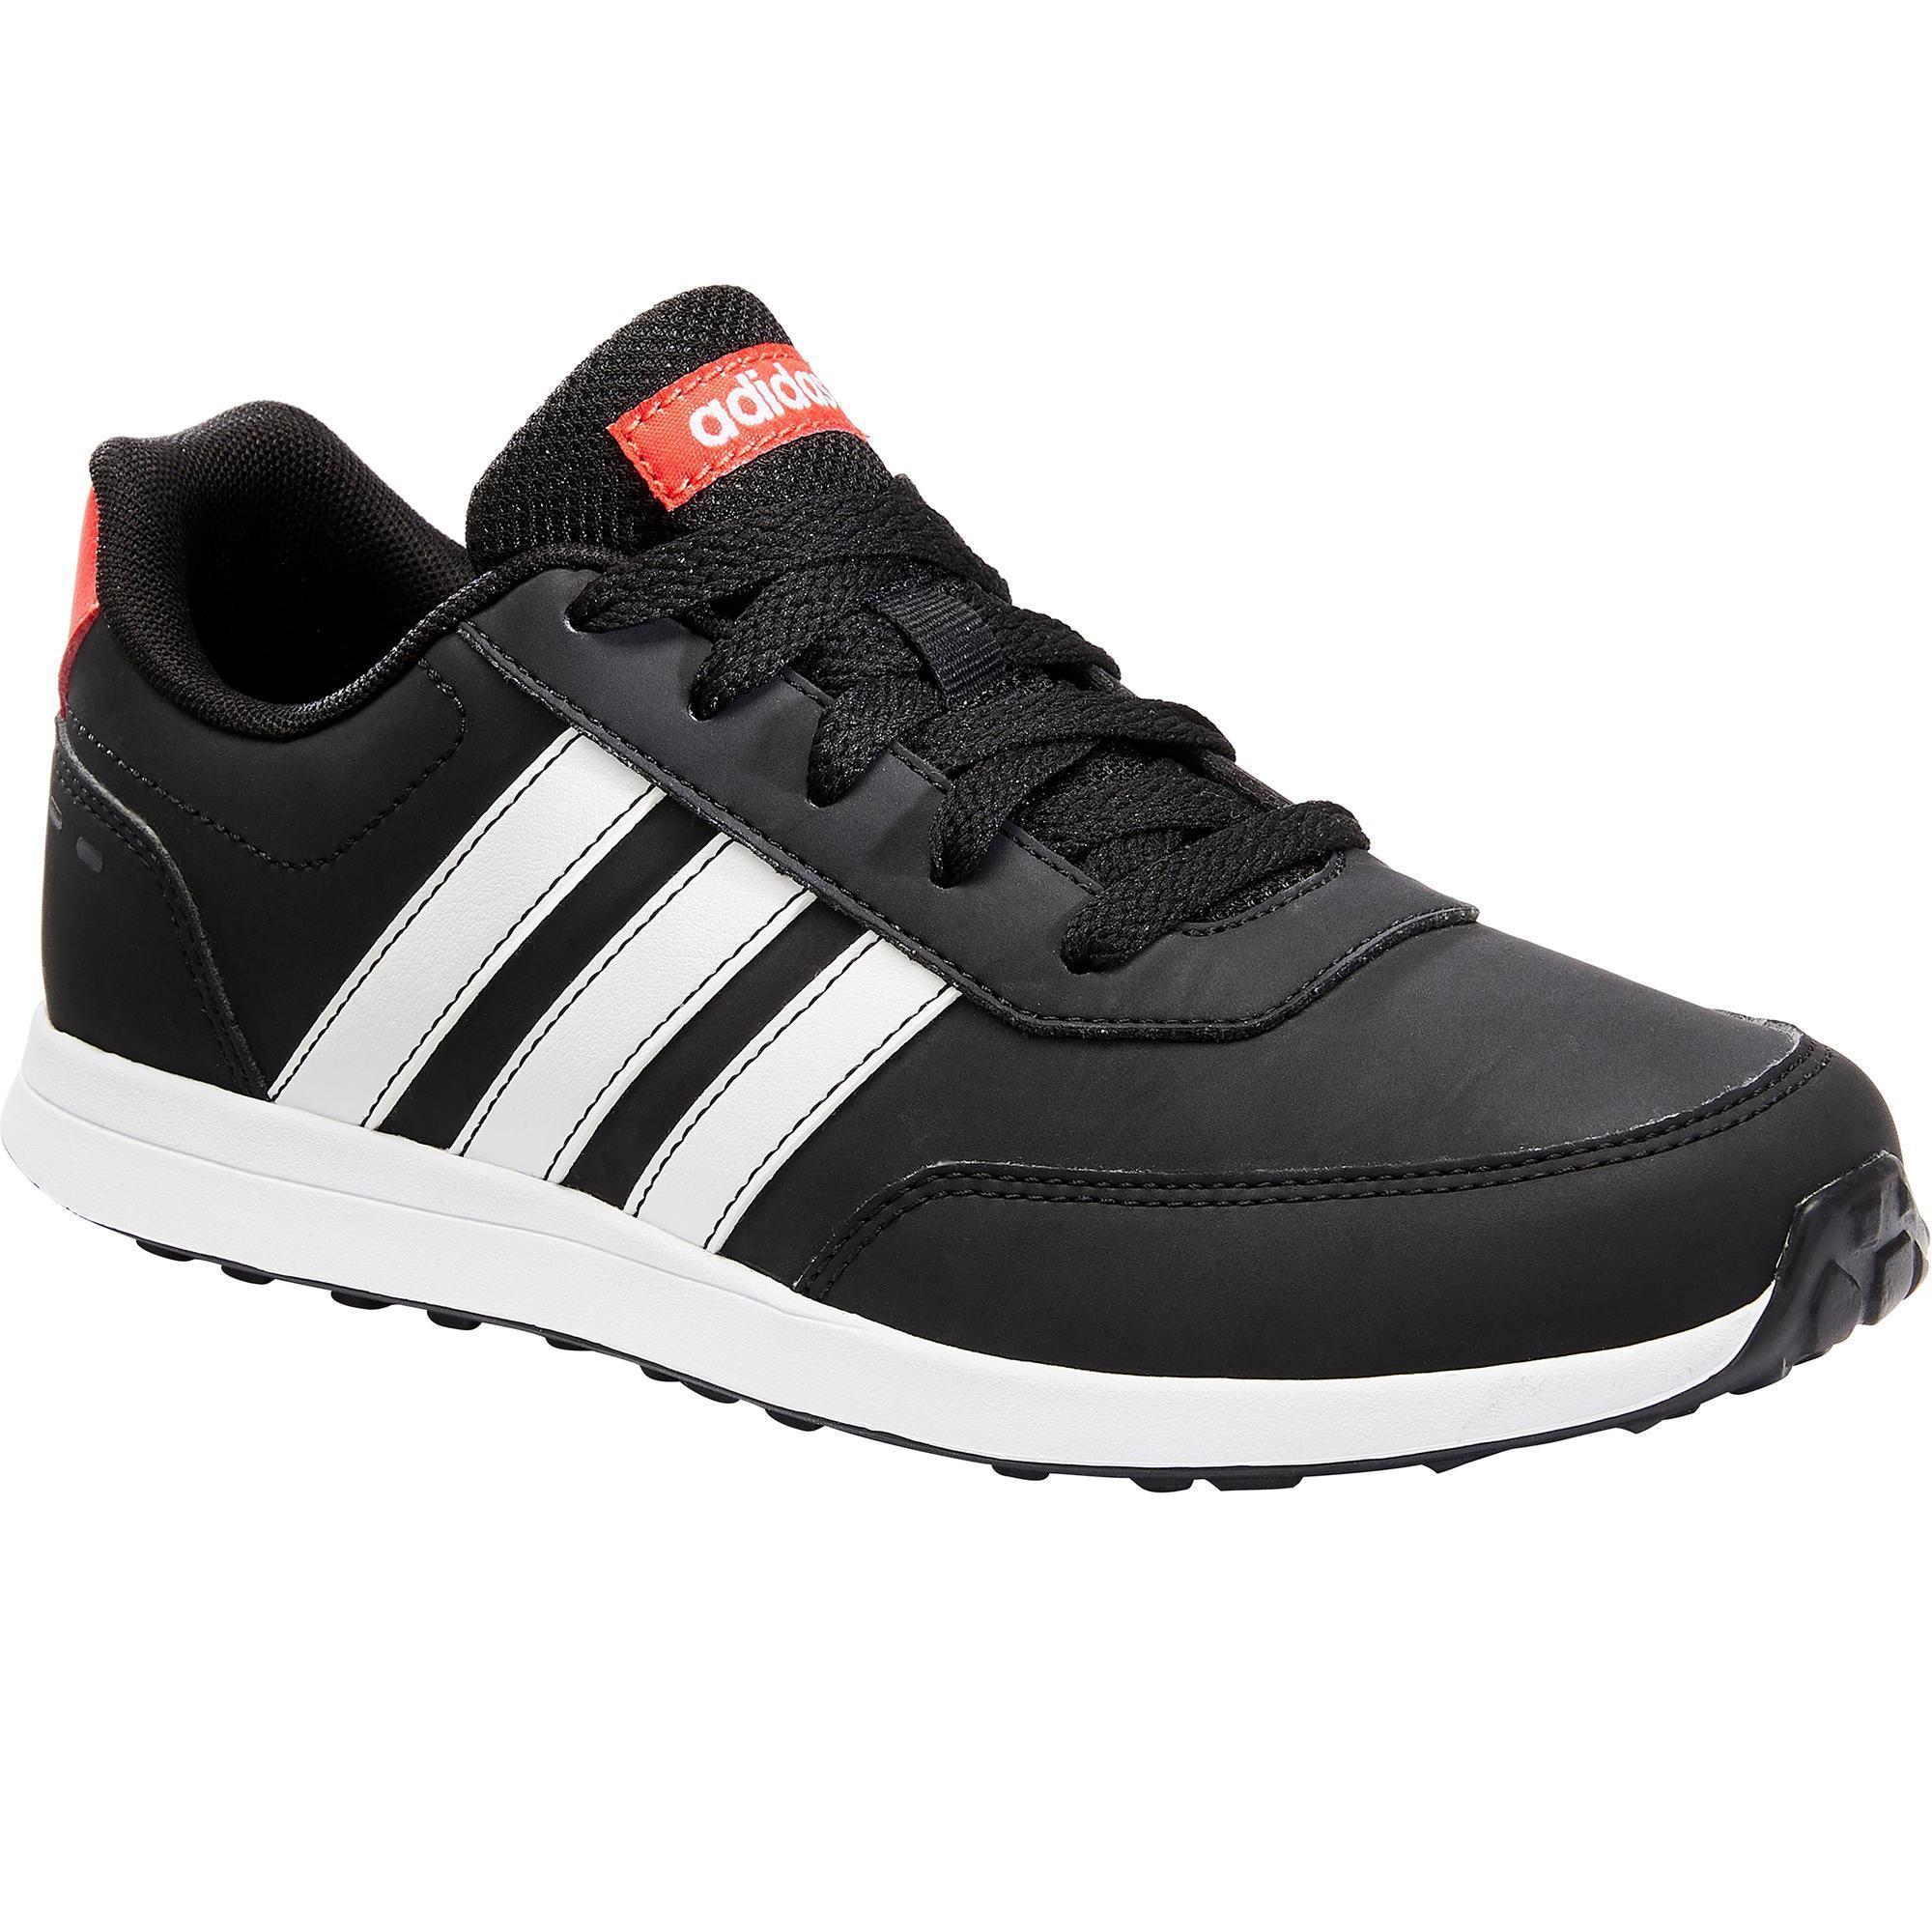 5d37b6d4 Adidas | Ropa | Zapatillas | en Decathlon